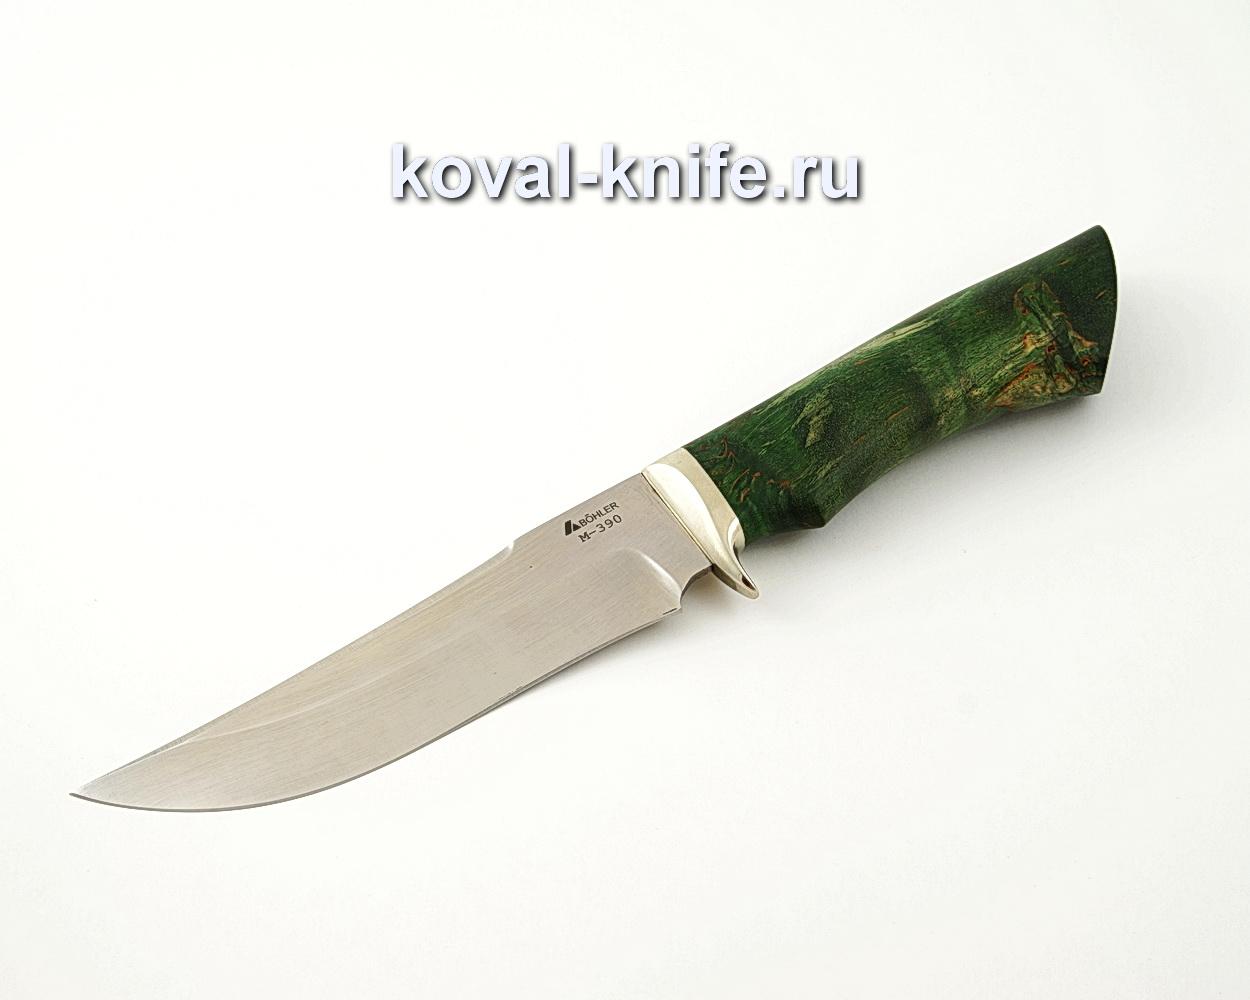 Нож Клыч из порошковой стали М390 с рукоятью из стабилизированной карельской березы, гарда мельхиор A528